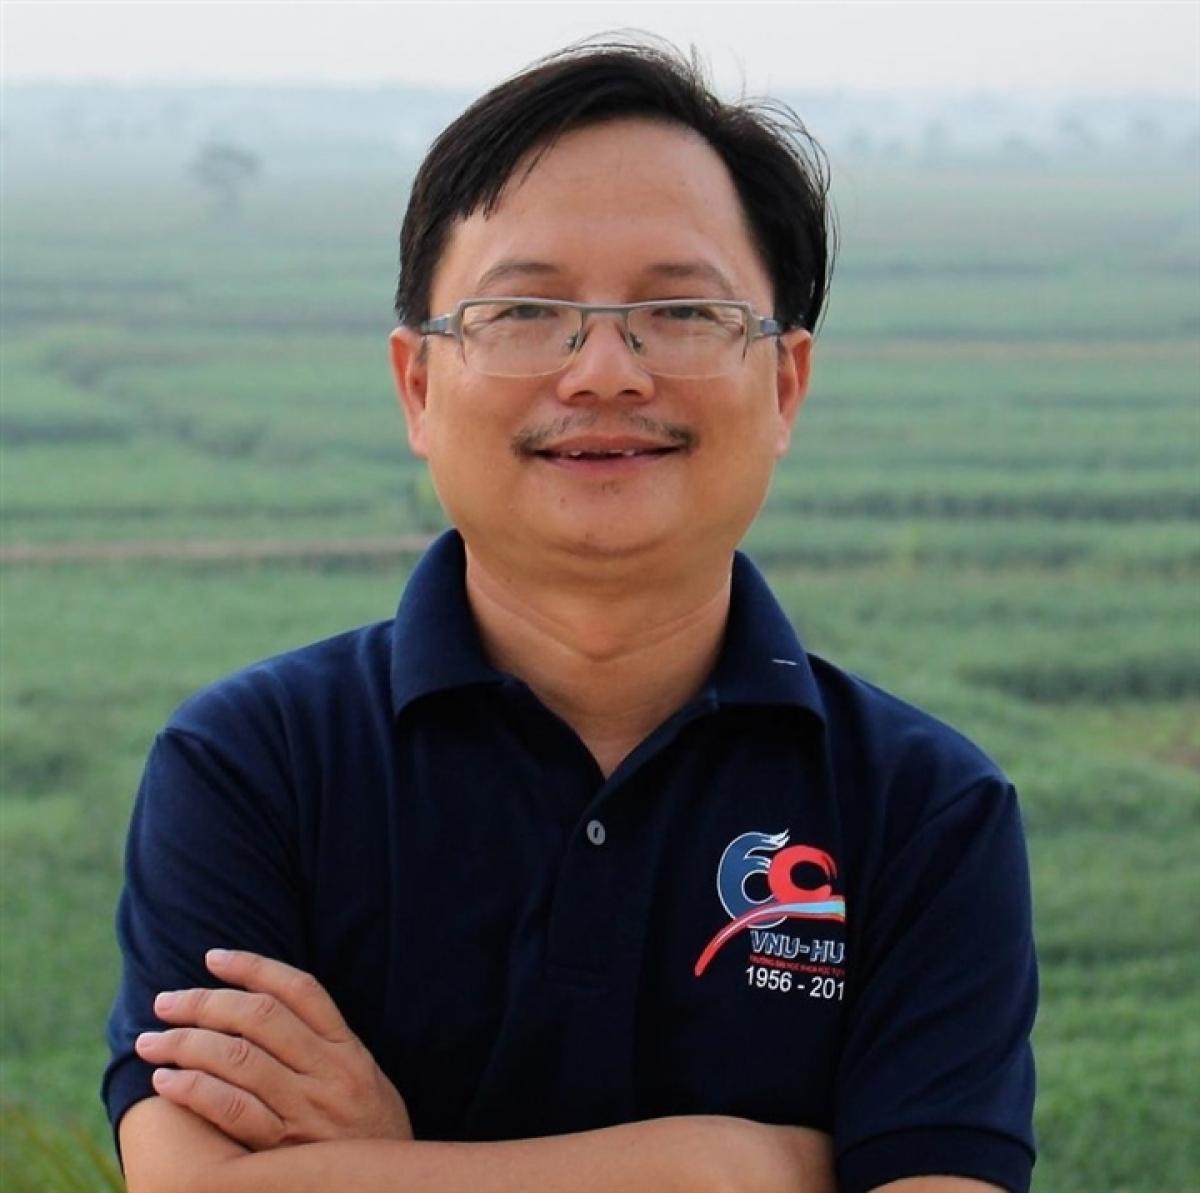 PGS.TSKH Vũ Hoàng Linh, Hiệu trưởng Trường Đại họcKhoa học Tự nhiên. (Ảnh: ĐH Khoa học Tự nhiên)